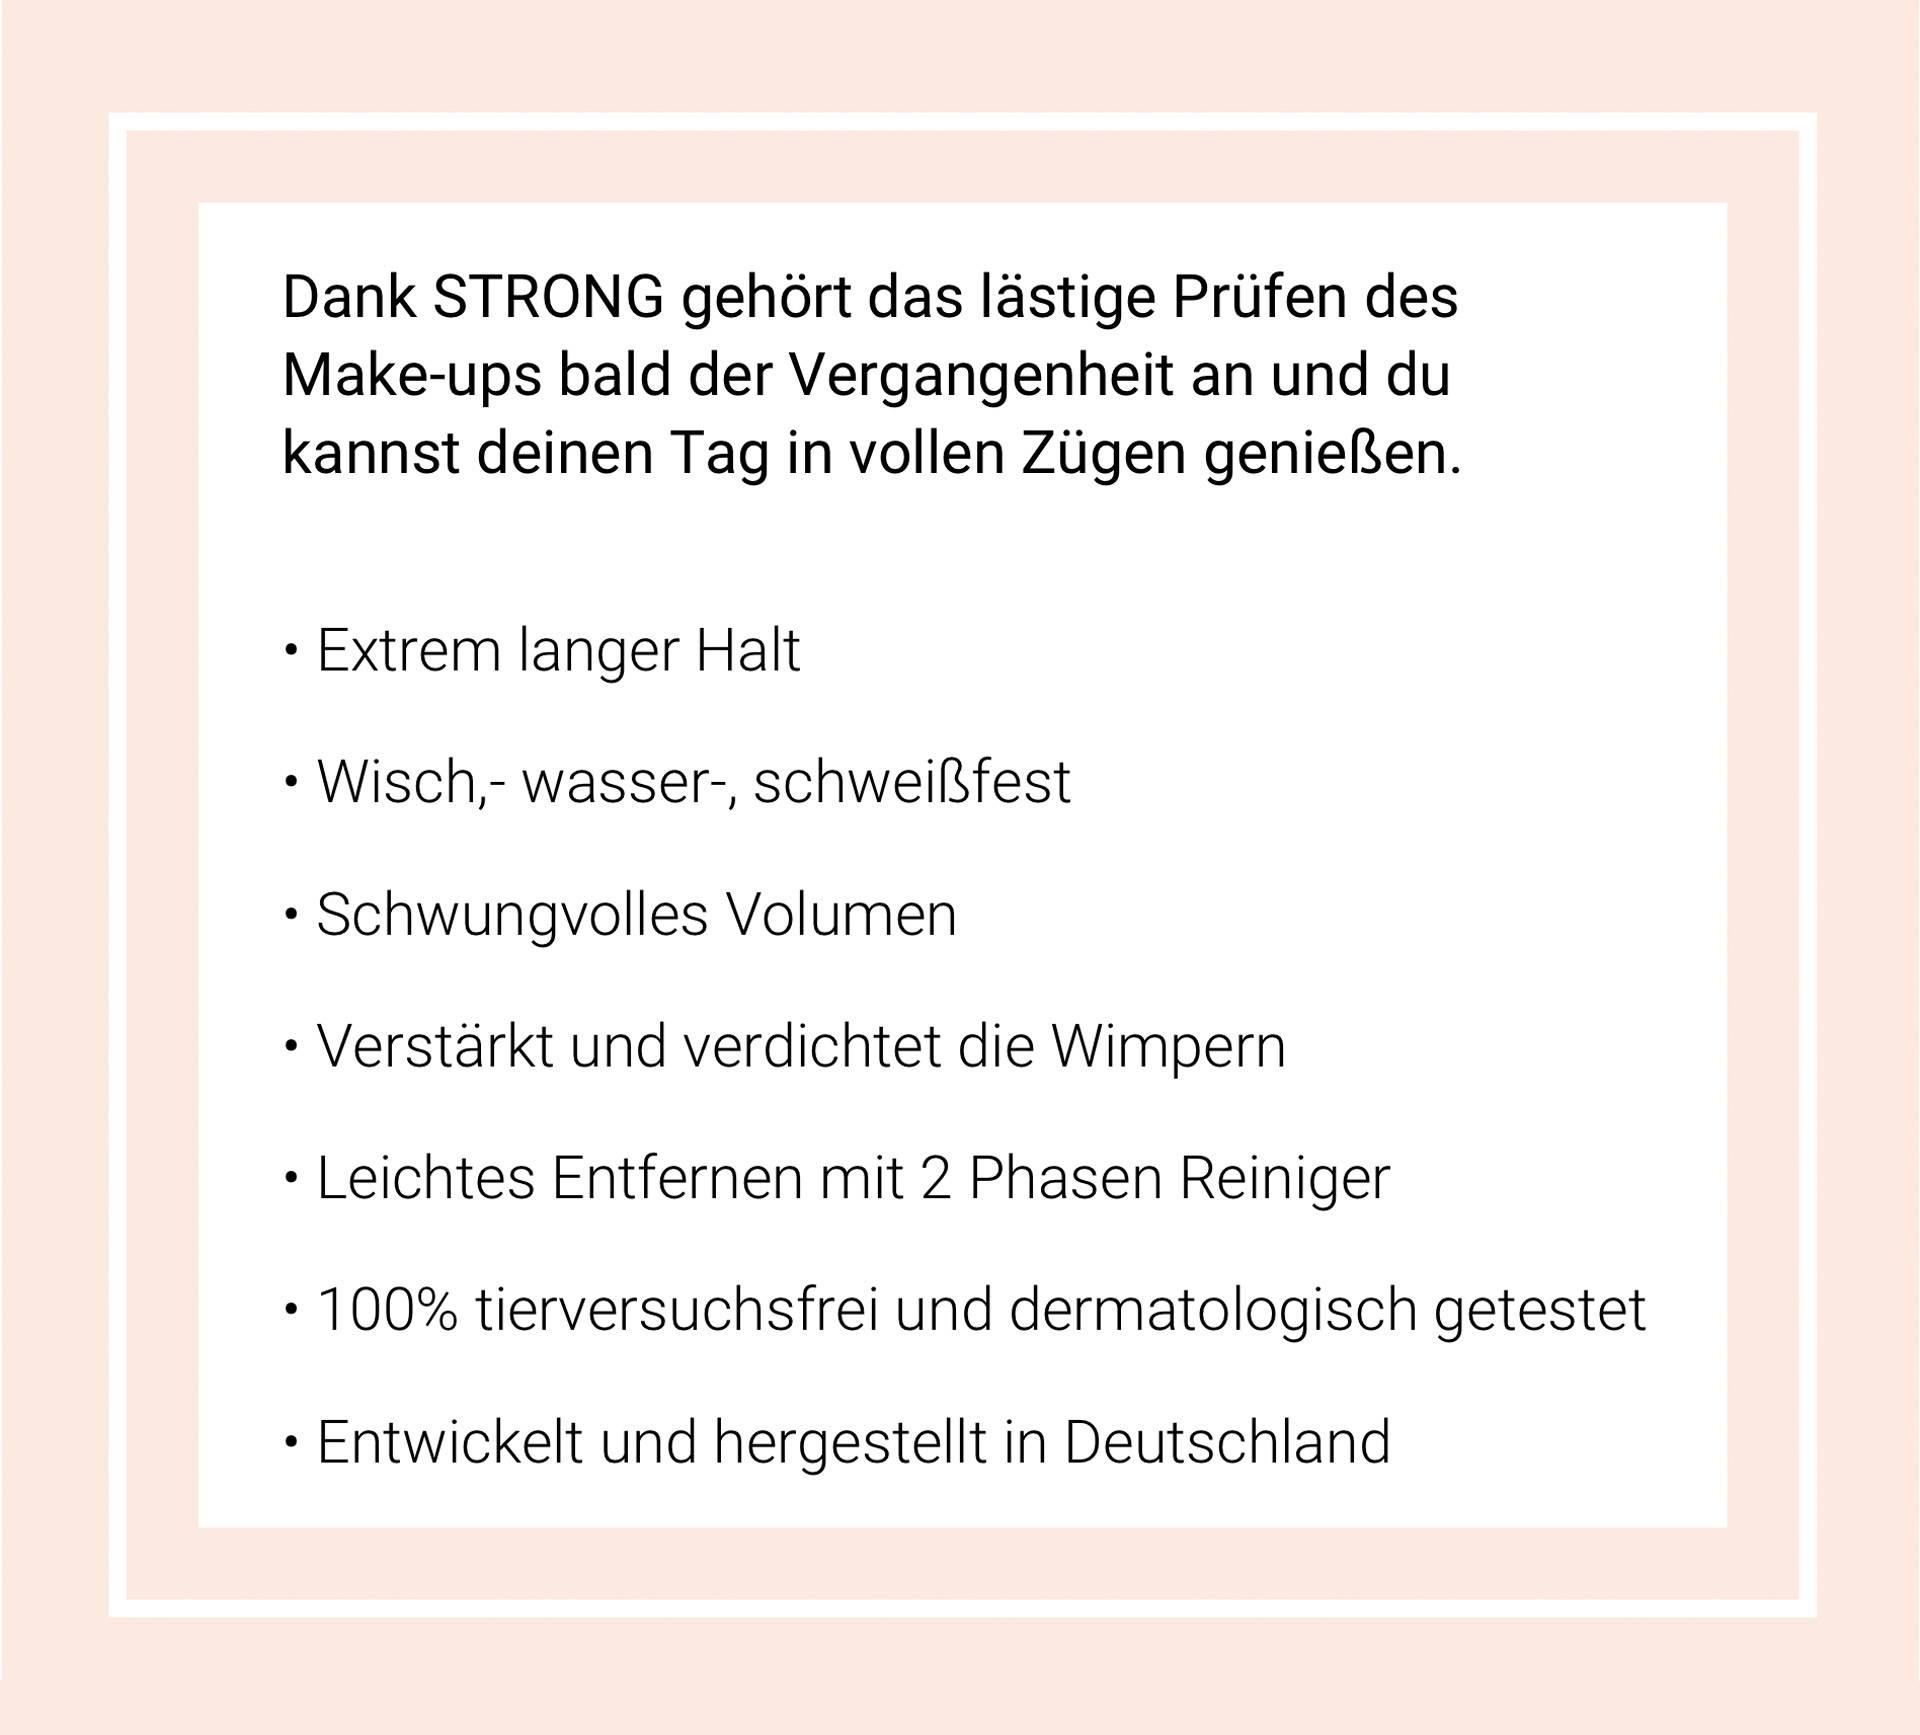 Text über die Vorteile von den Produkten von STRONG